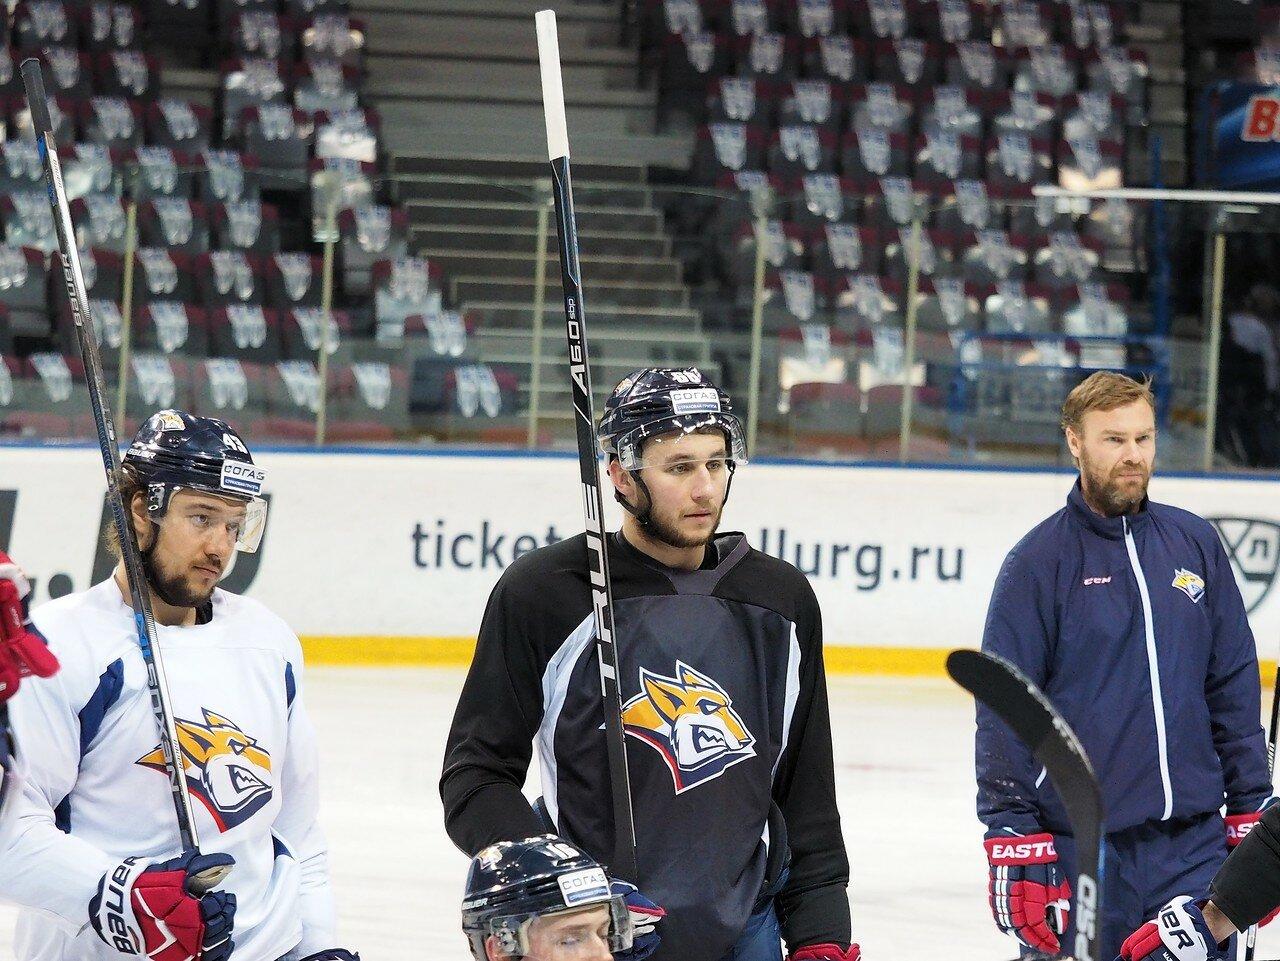 19 Открытая тренировка перед финалом плей-офф КХЛ 2017 06.04.2017